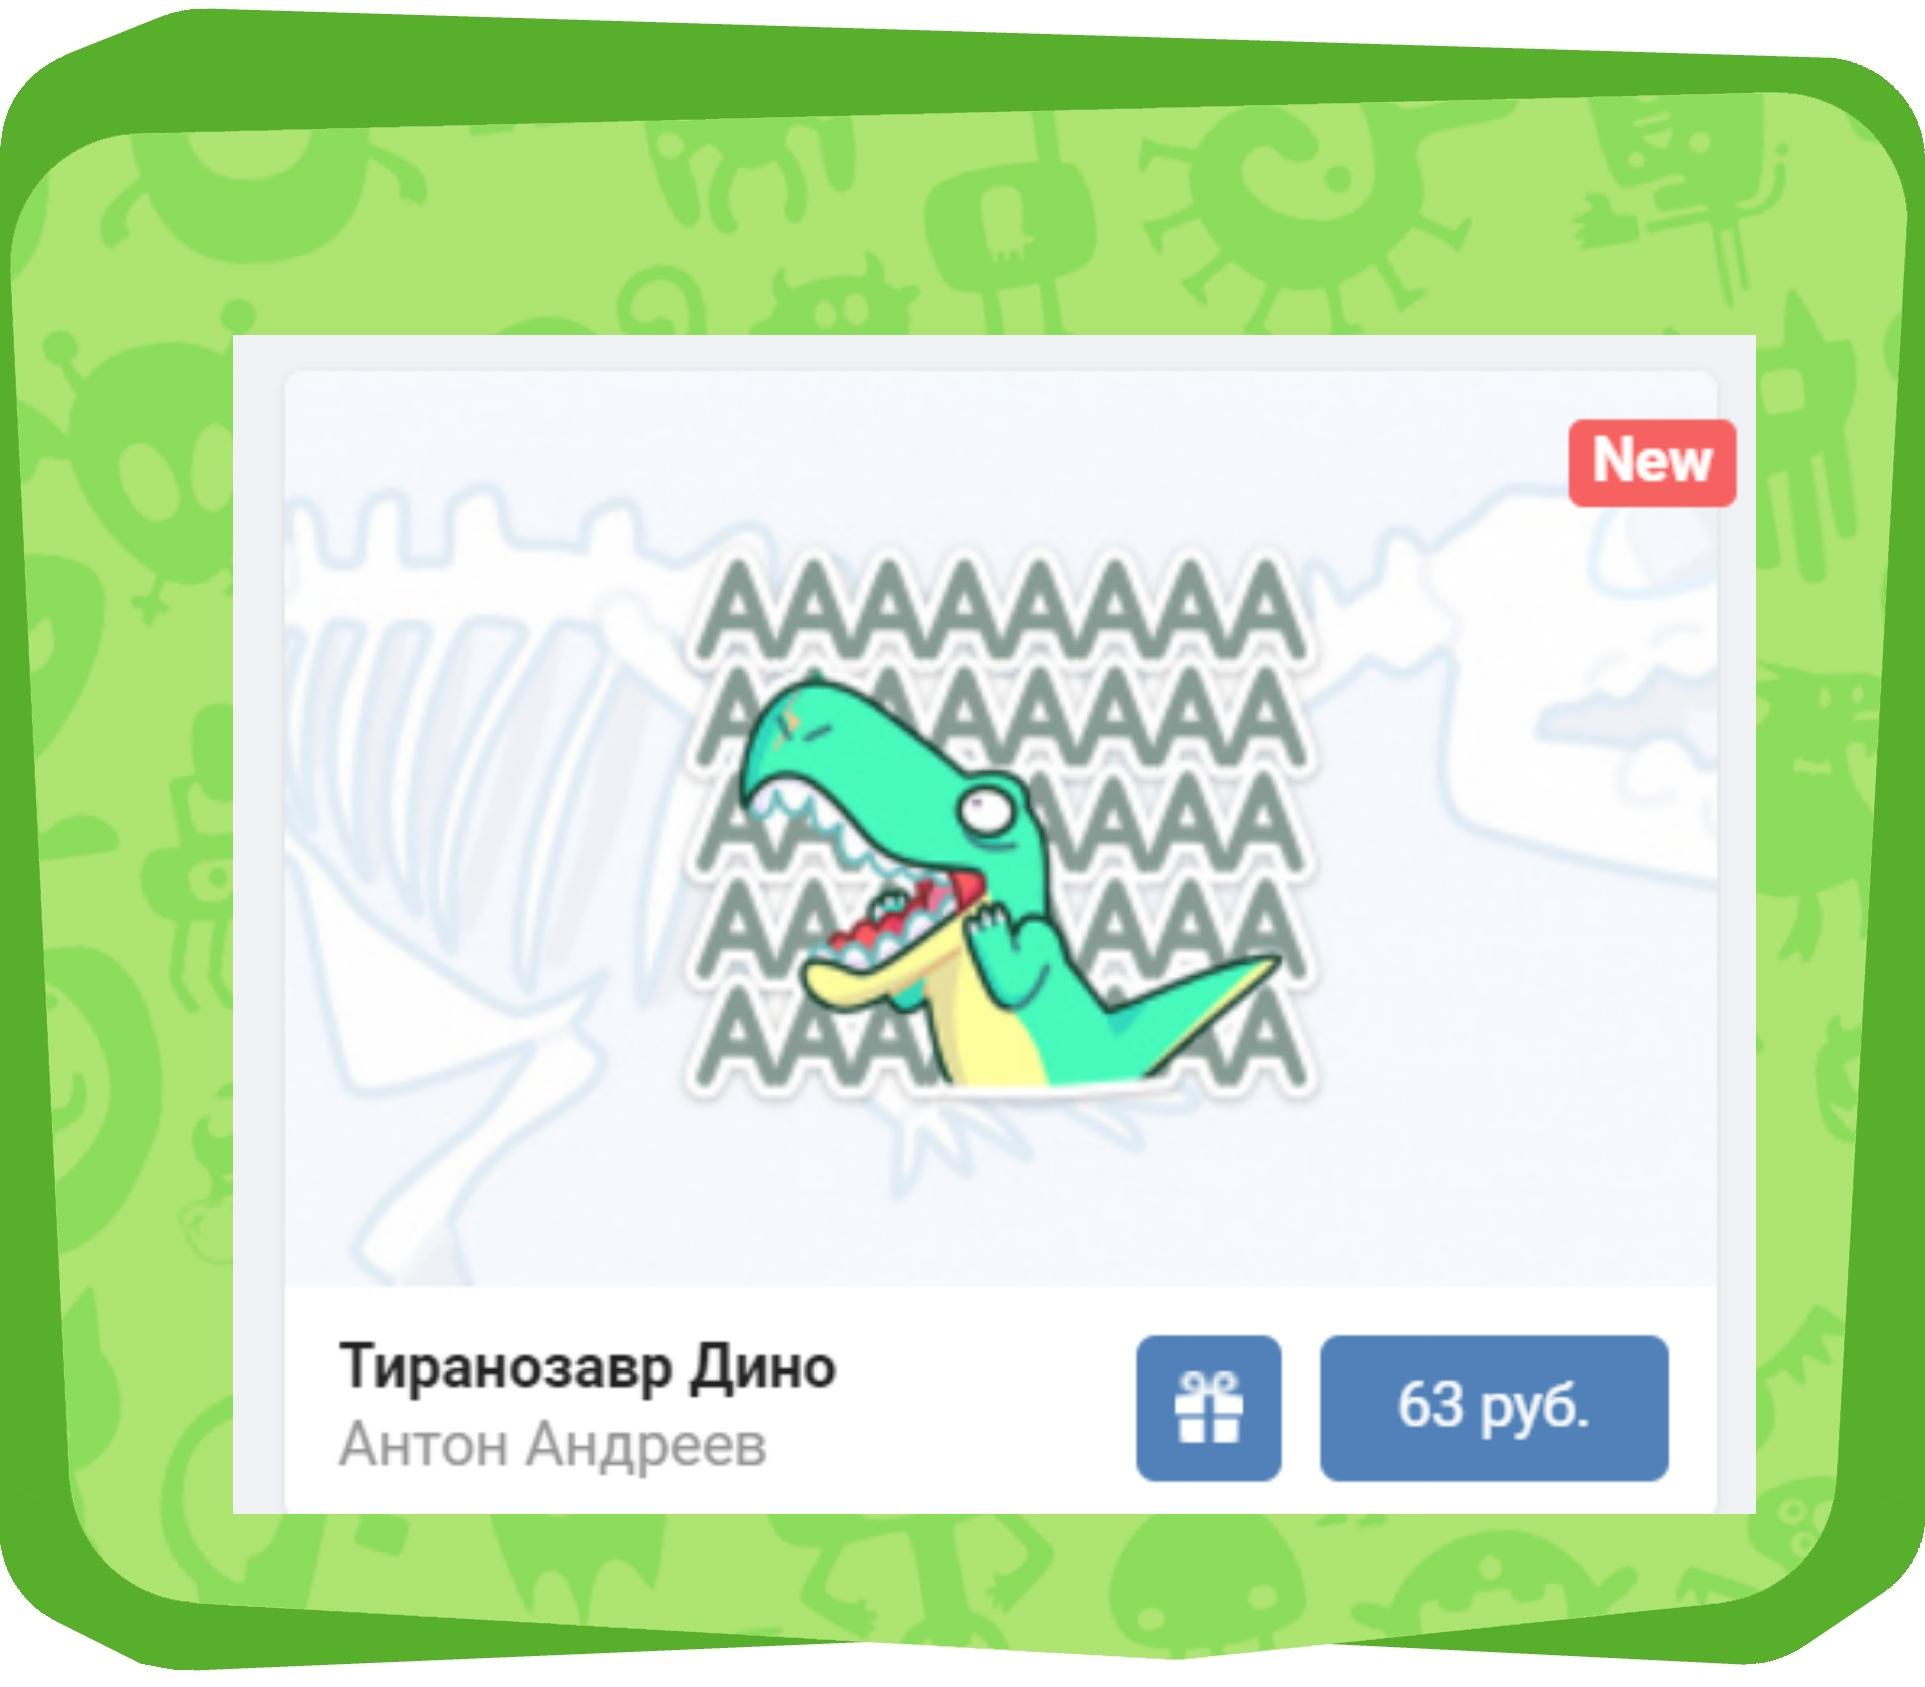 Тиранозавр Дино